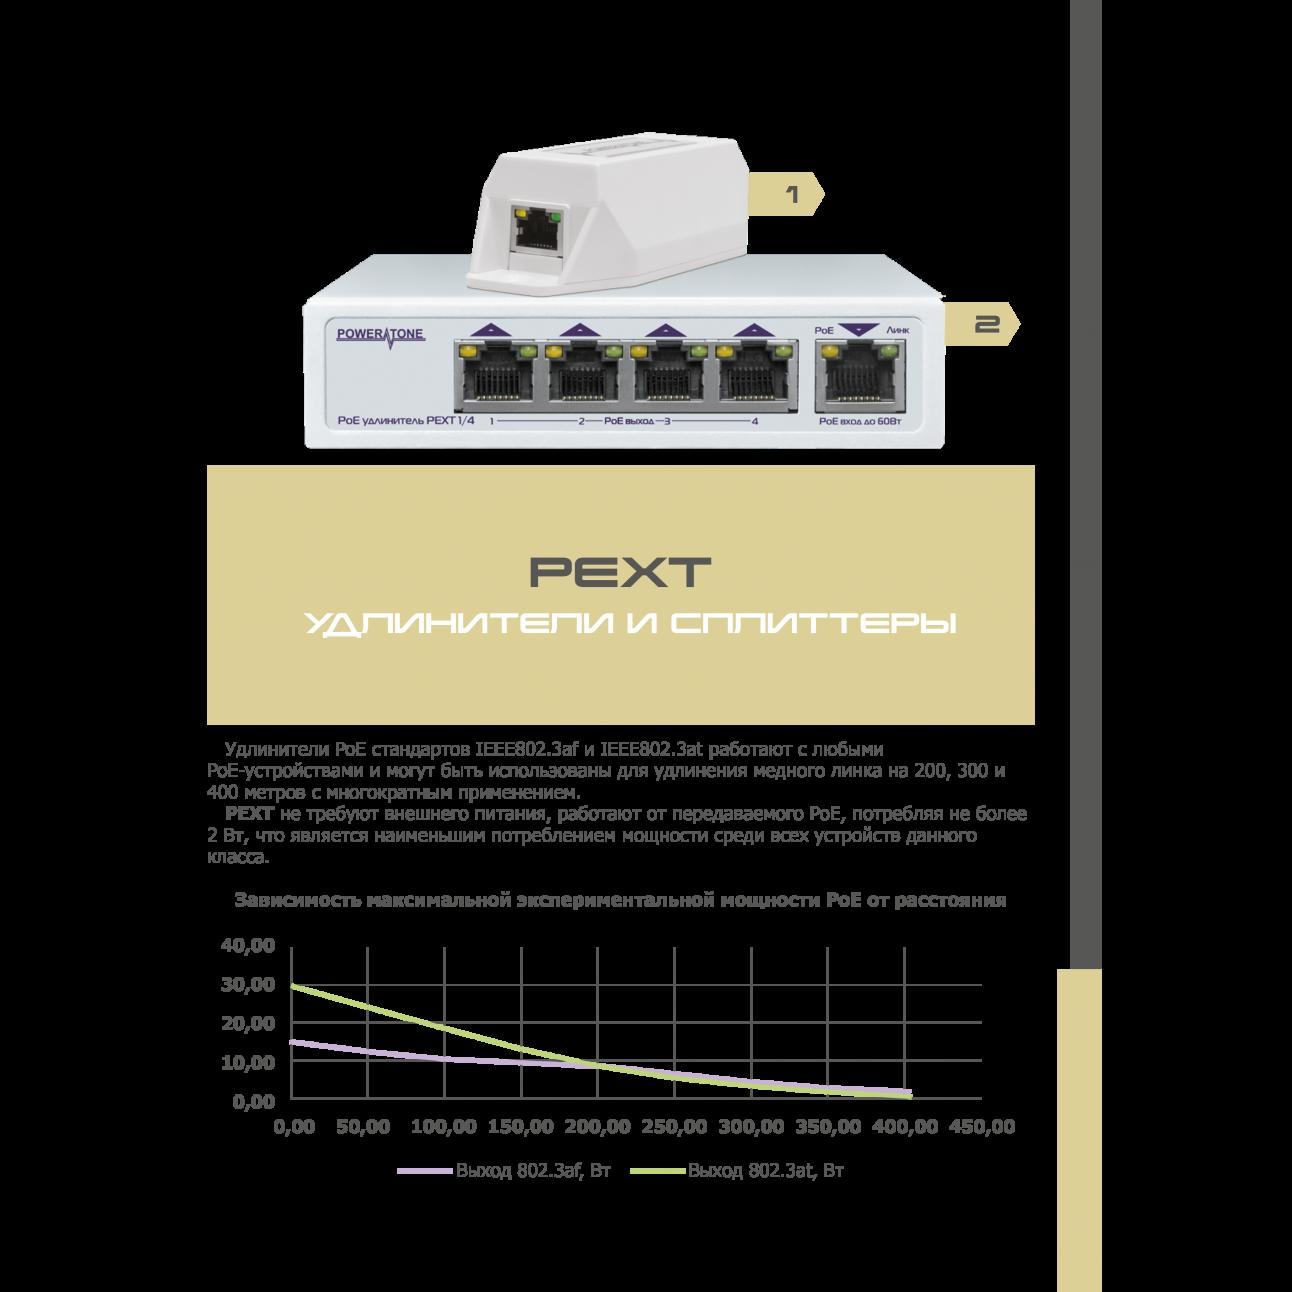 PoE коммутатор/удлинитель интерфейса Ethernet 10/100/1000Mbs PEXT 1/4. 4 PoE выхода, 1 PoE вход, совм. с 802.3af/at, до -40С (имеет потертости)